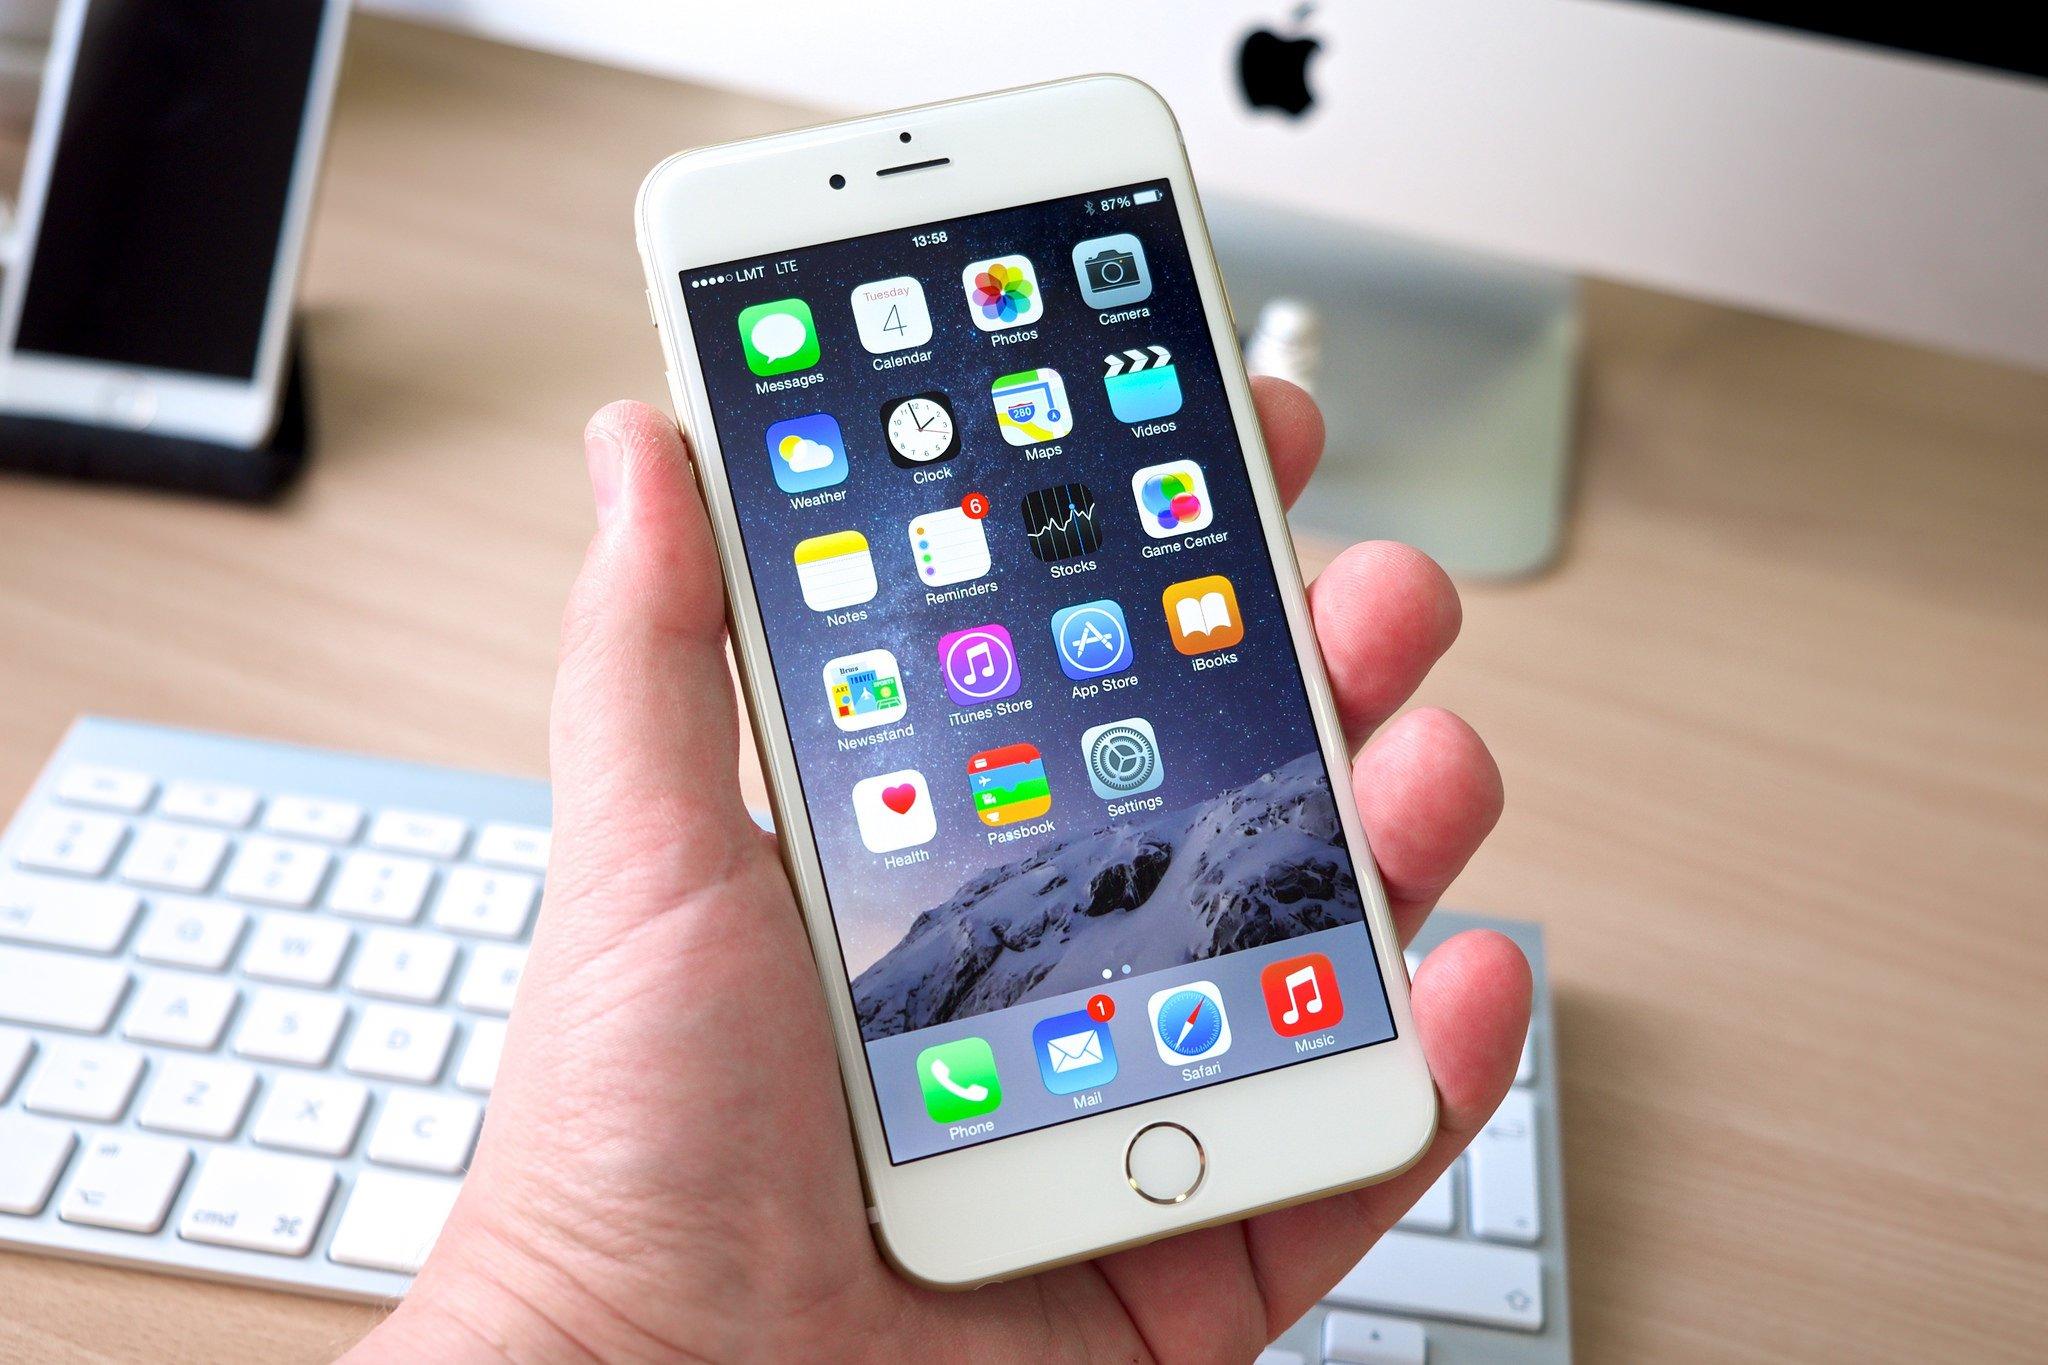 Tabletowo.pl Jeden znak przesłany przez żartownisia, może zawiesić twojego iPhone'a. Strzeż się języka telugu! Apple Smartfony